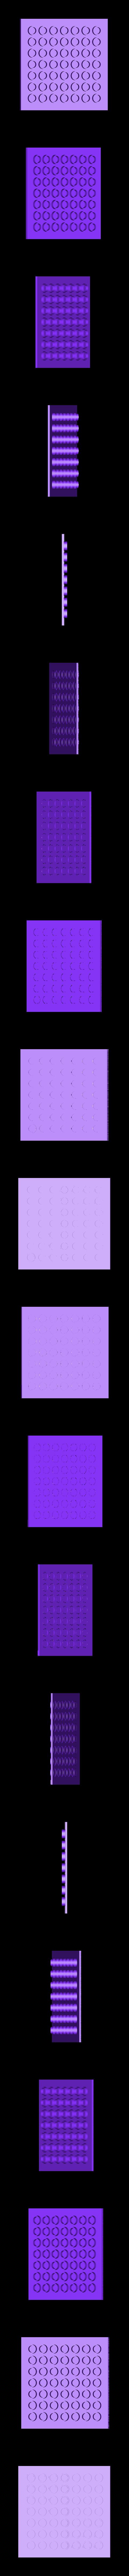 lego-3xAA-tubes.stl Télécharger fichier STL gratuit Étui à piles compatible LEGO • Design pour imprimante 3D, Adafruit